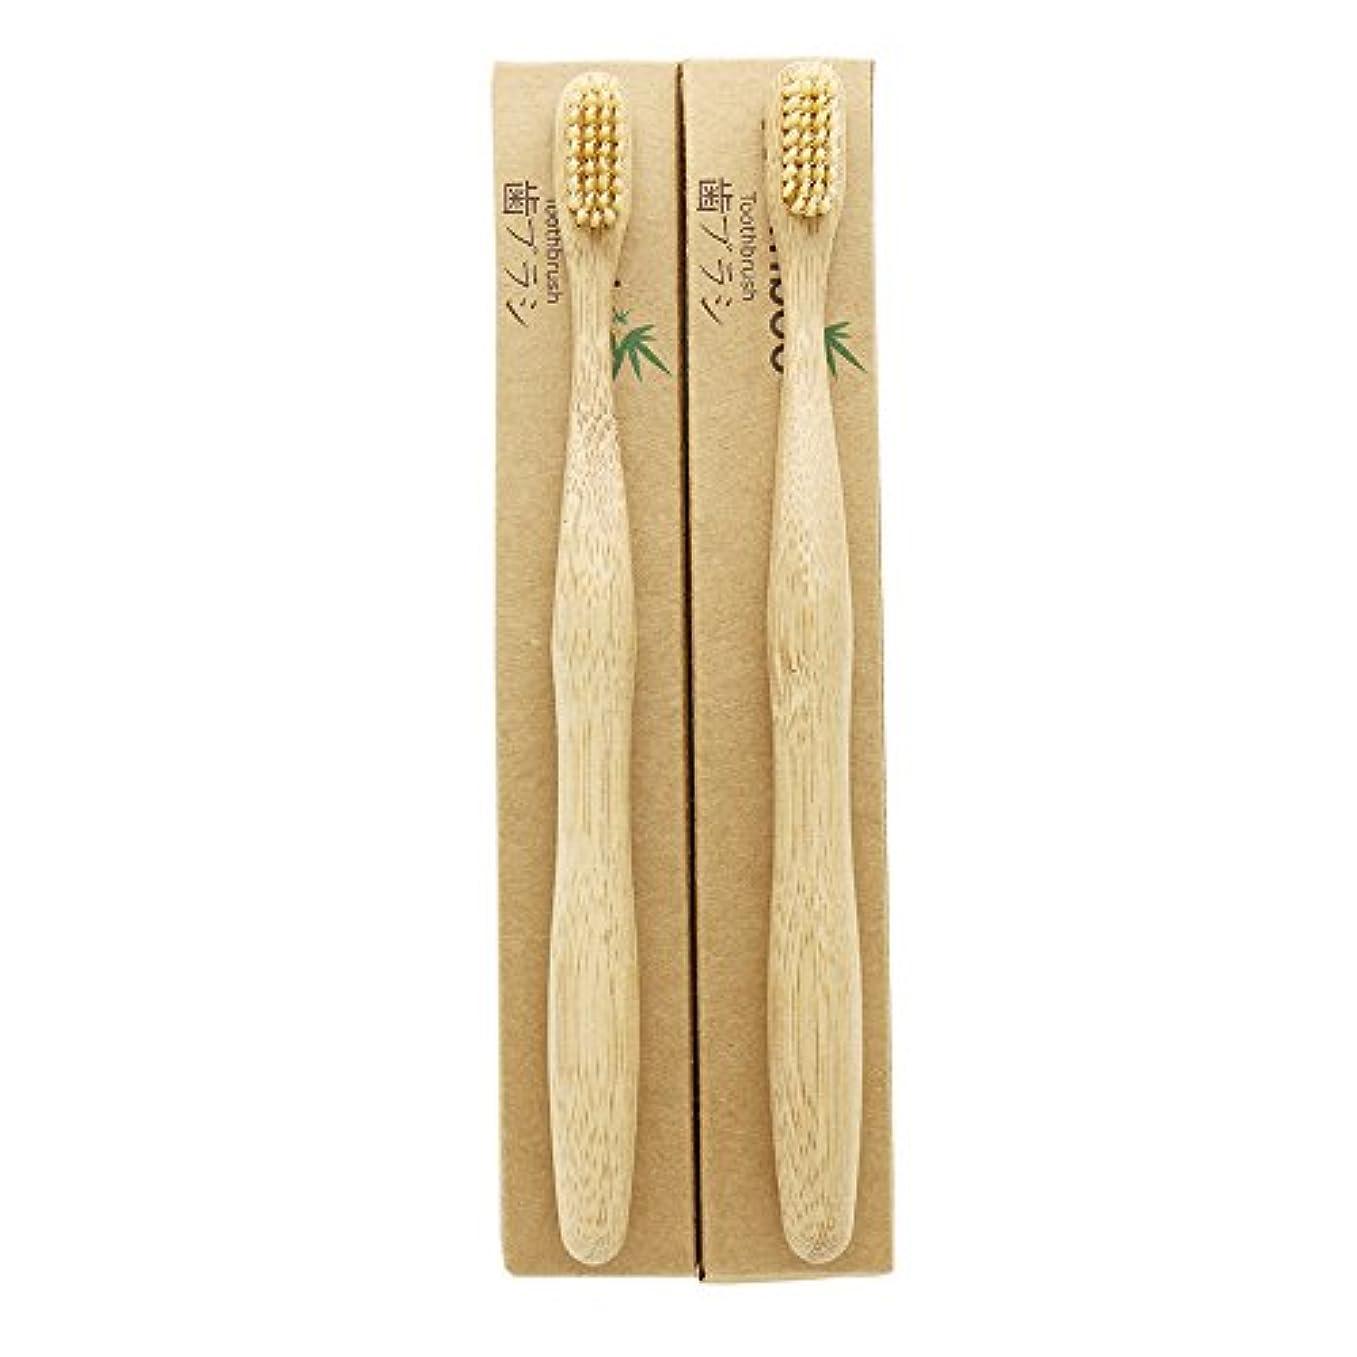 現代のおうそつきN-amboo 竹製耐久度高い 歯ブラシ ハンドル大きい 2本入りセット ベージュ